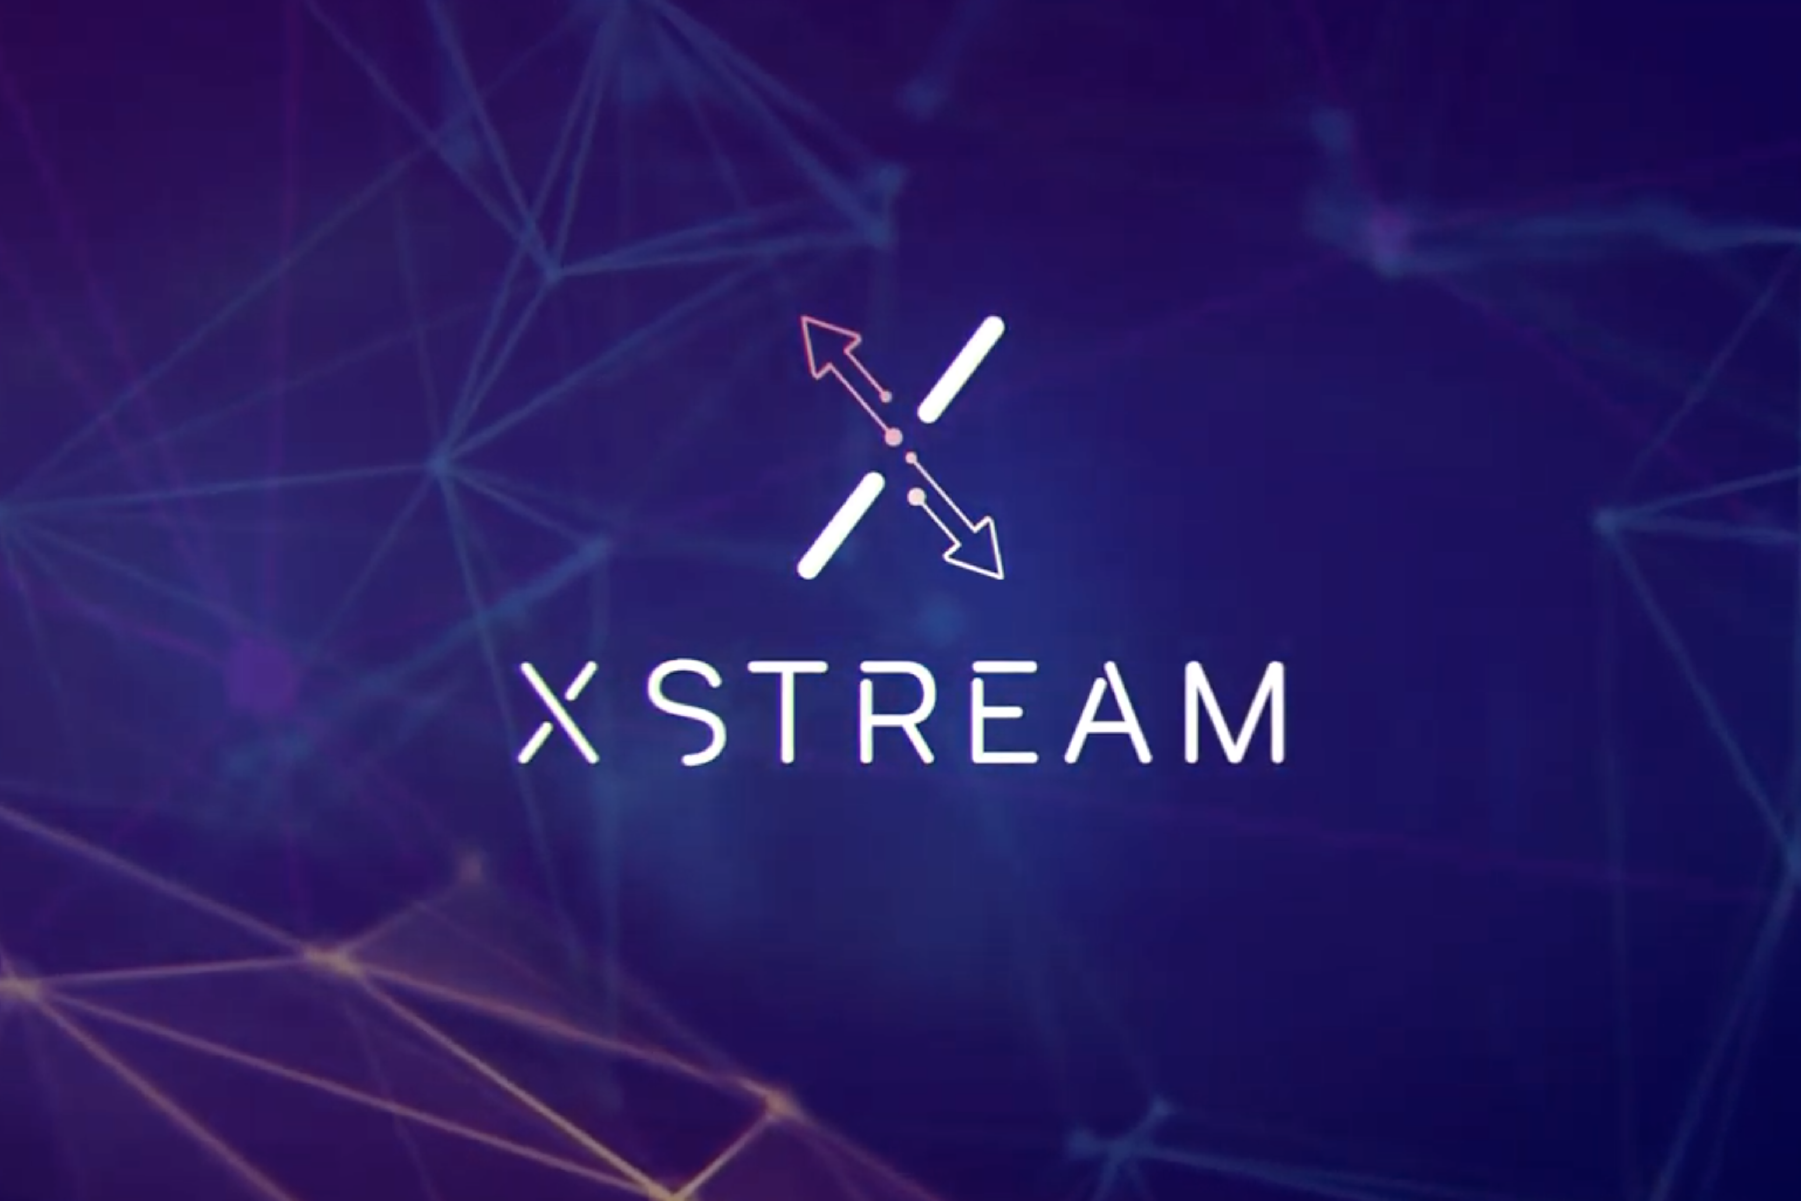 X Stream Video